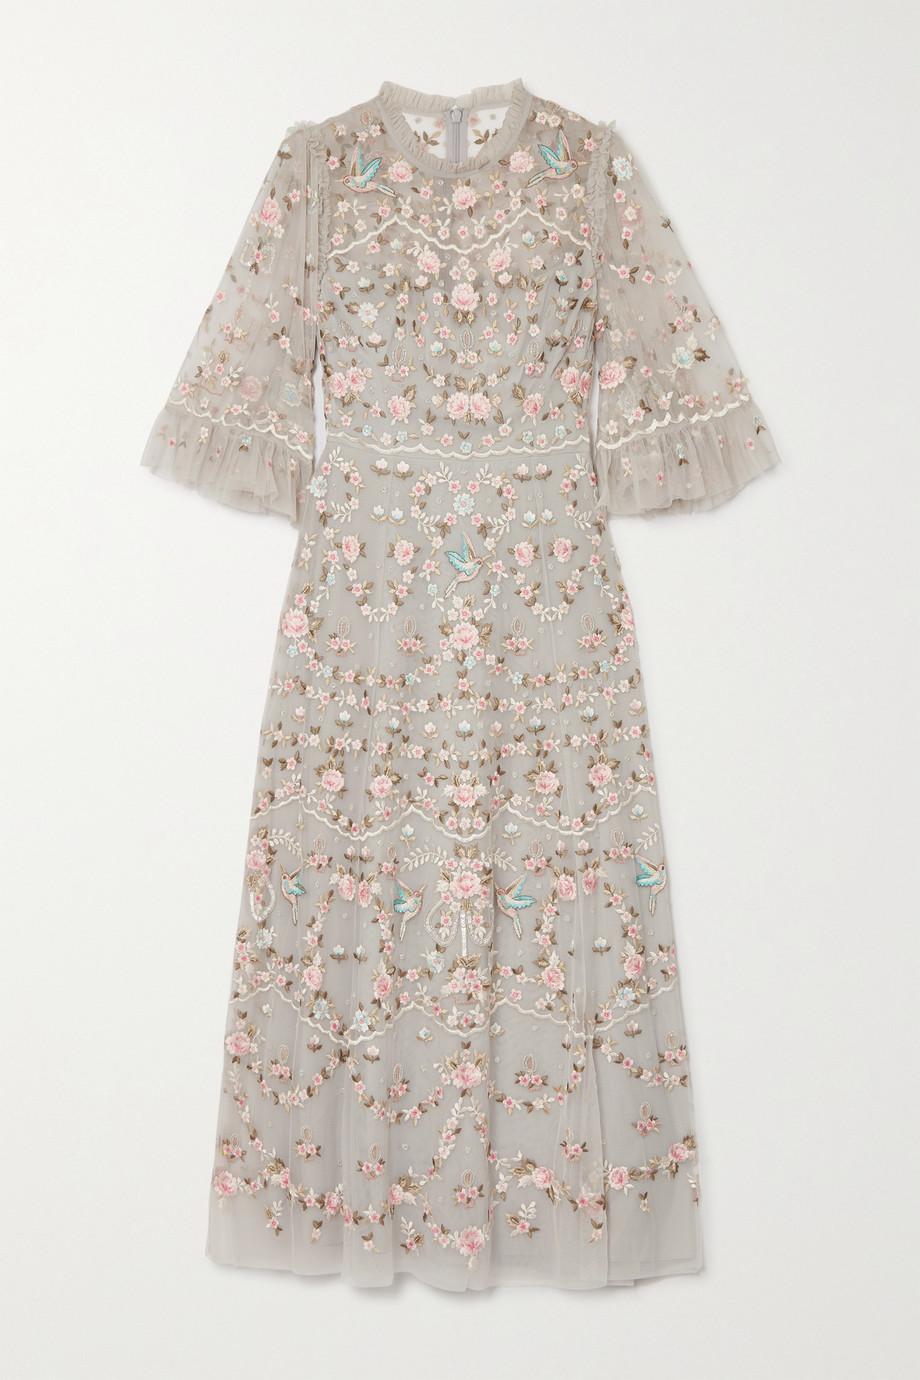 Needle & Thread Regency Garden Ballerina ruffled embroidered tulle midi dress